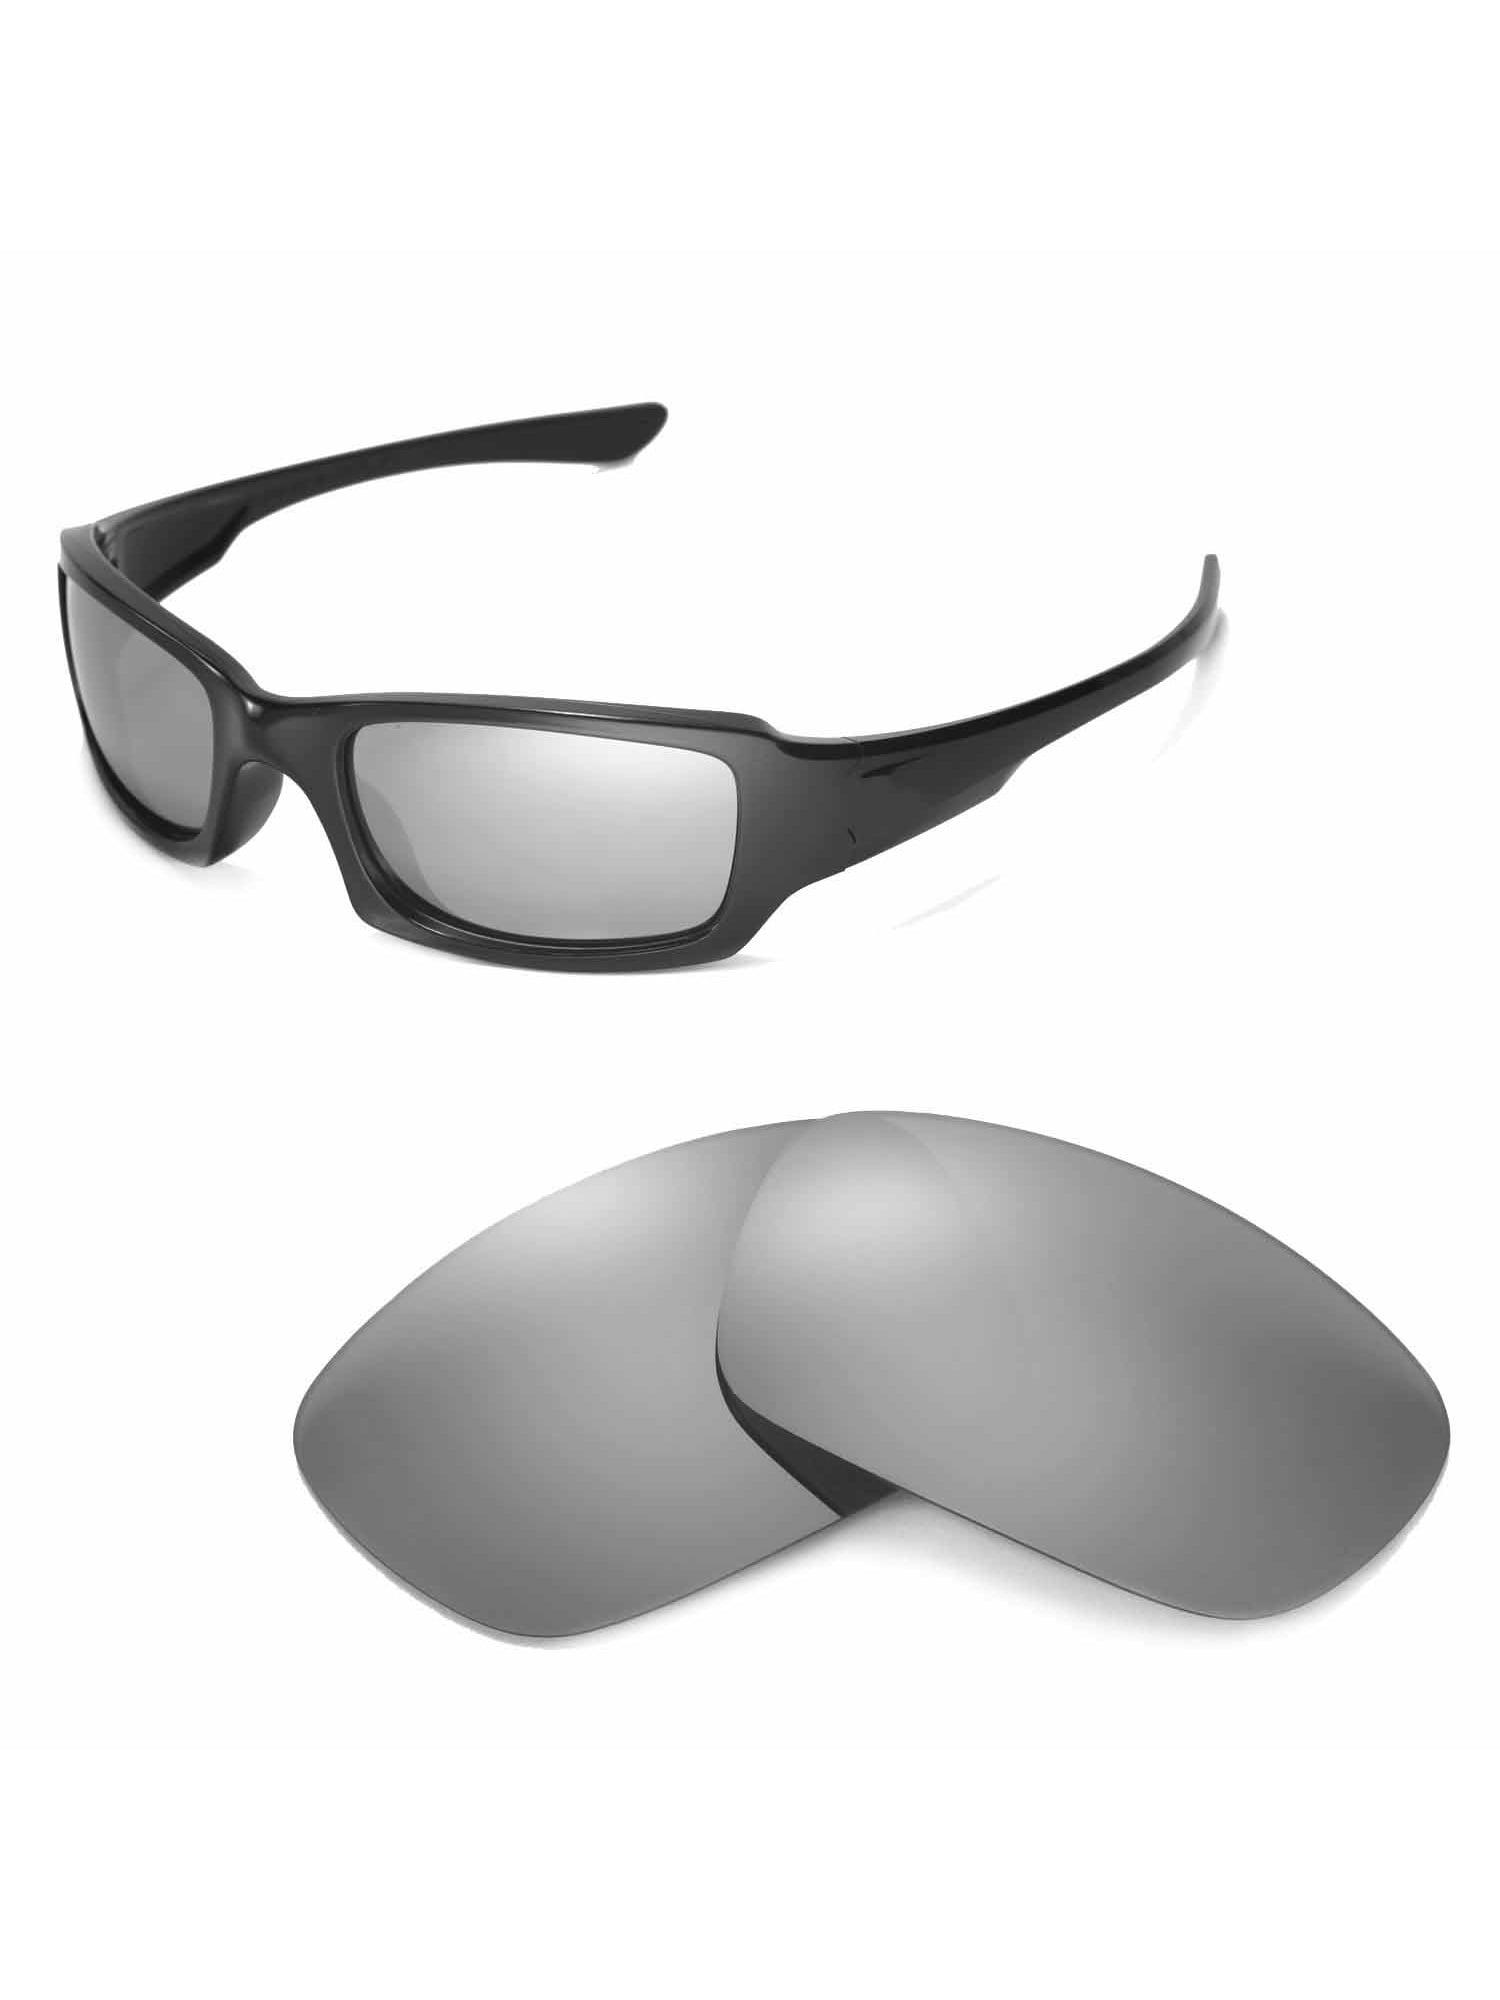 Pace della mente valutare ostaggio  Walleva - Walleva Titanium Polarized Replacement Lenses for Oakley Fives  Squared Sunglasses - Walmart.com - Walmart.com